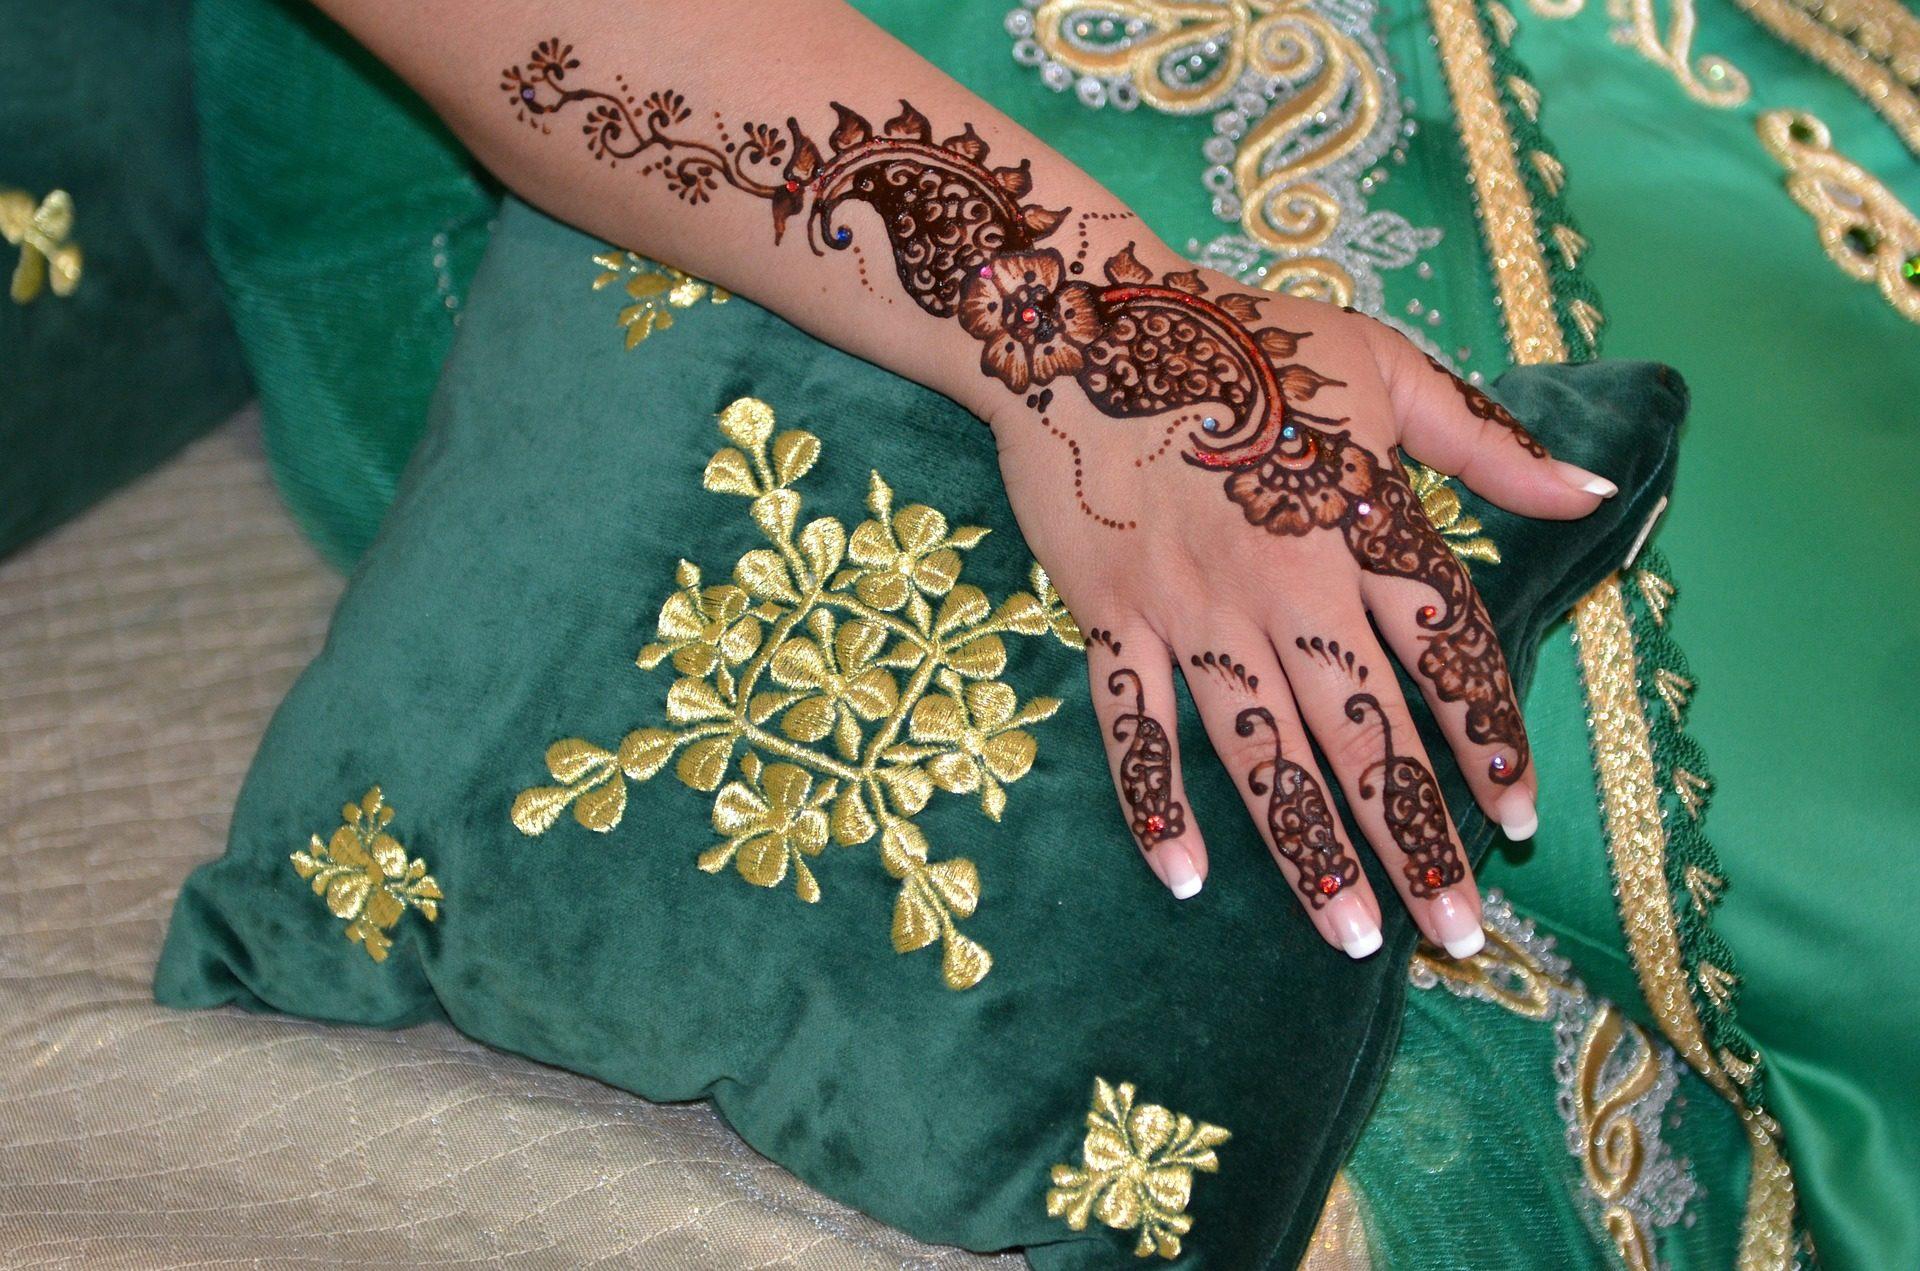 اليد, امرأة, جينا, الوشم, اللوحة - خلفيات عالية الدقة - أستاذ falken.com